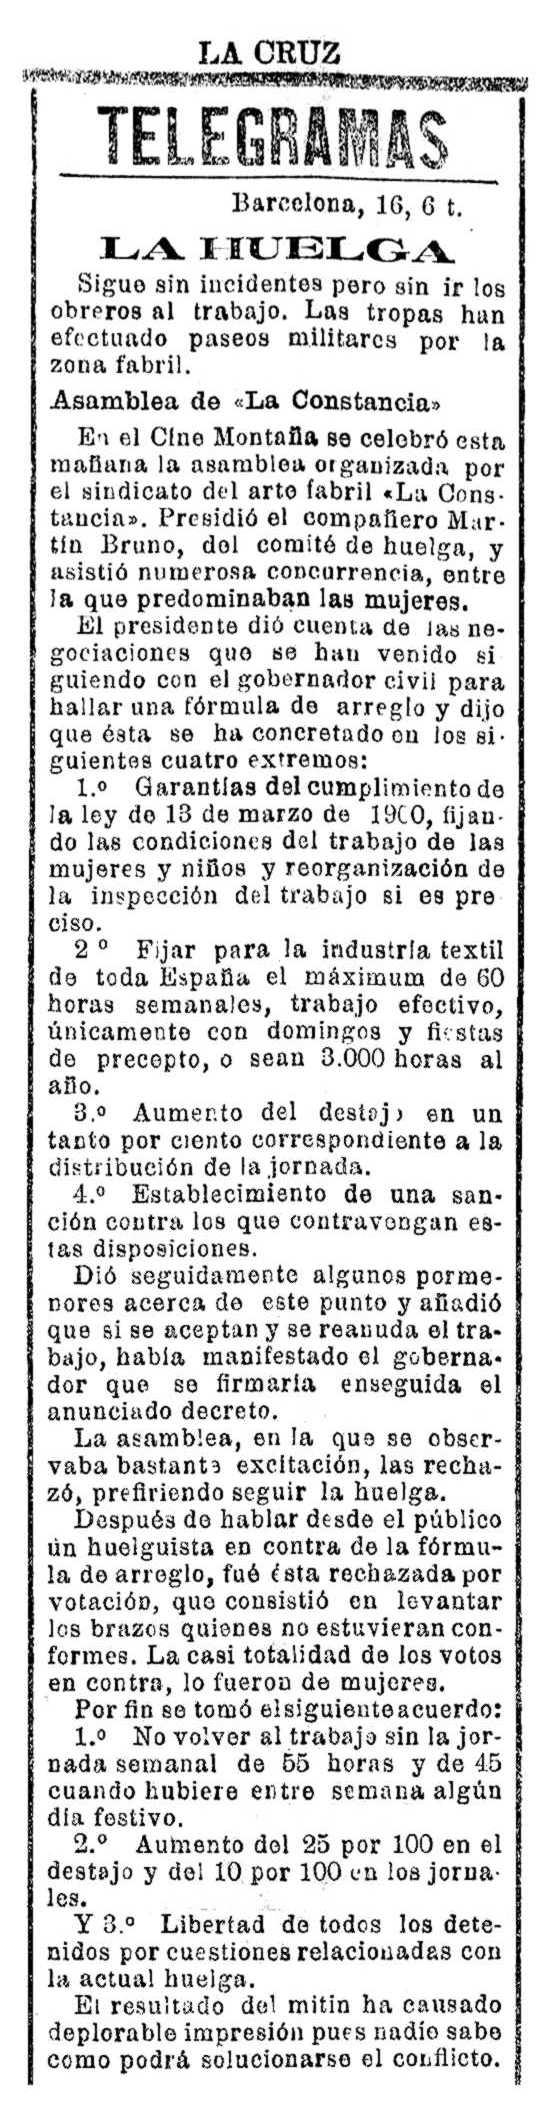 """Notícia sobre Martí Bruno Mas apareguda en el diari catòlic tarragoní """"La Cruz"""" (17 d'agost de 1913)"""